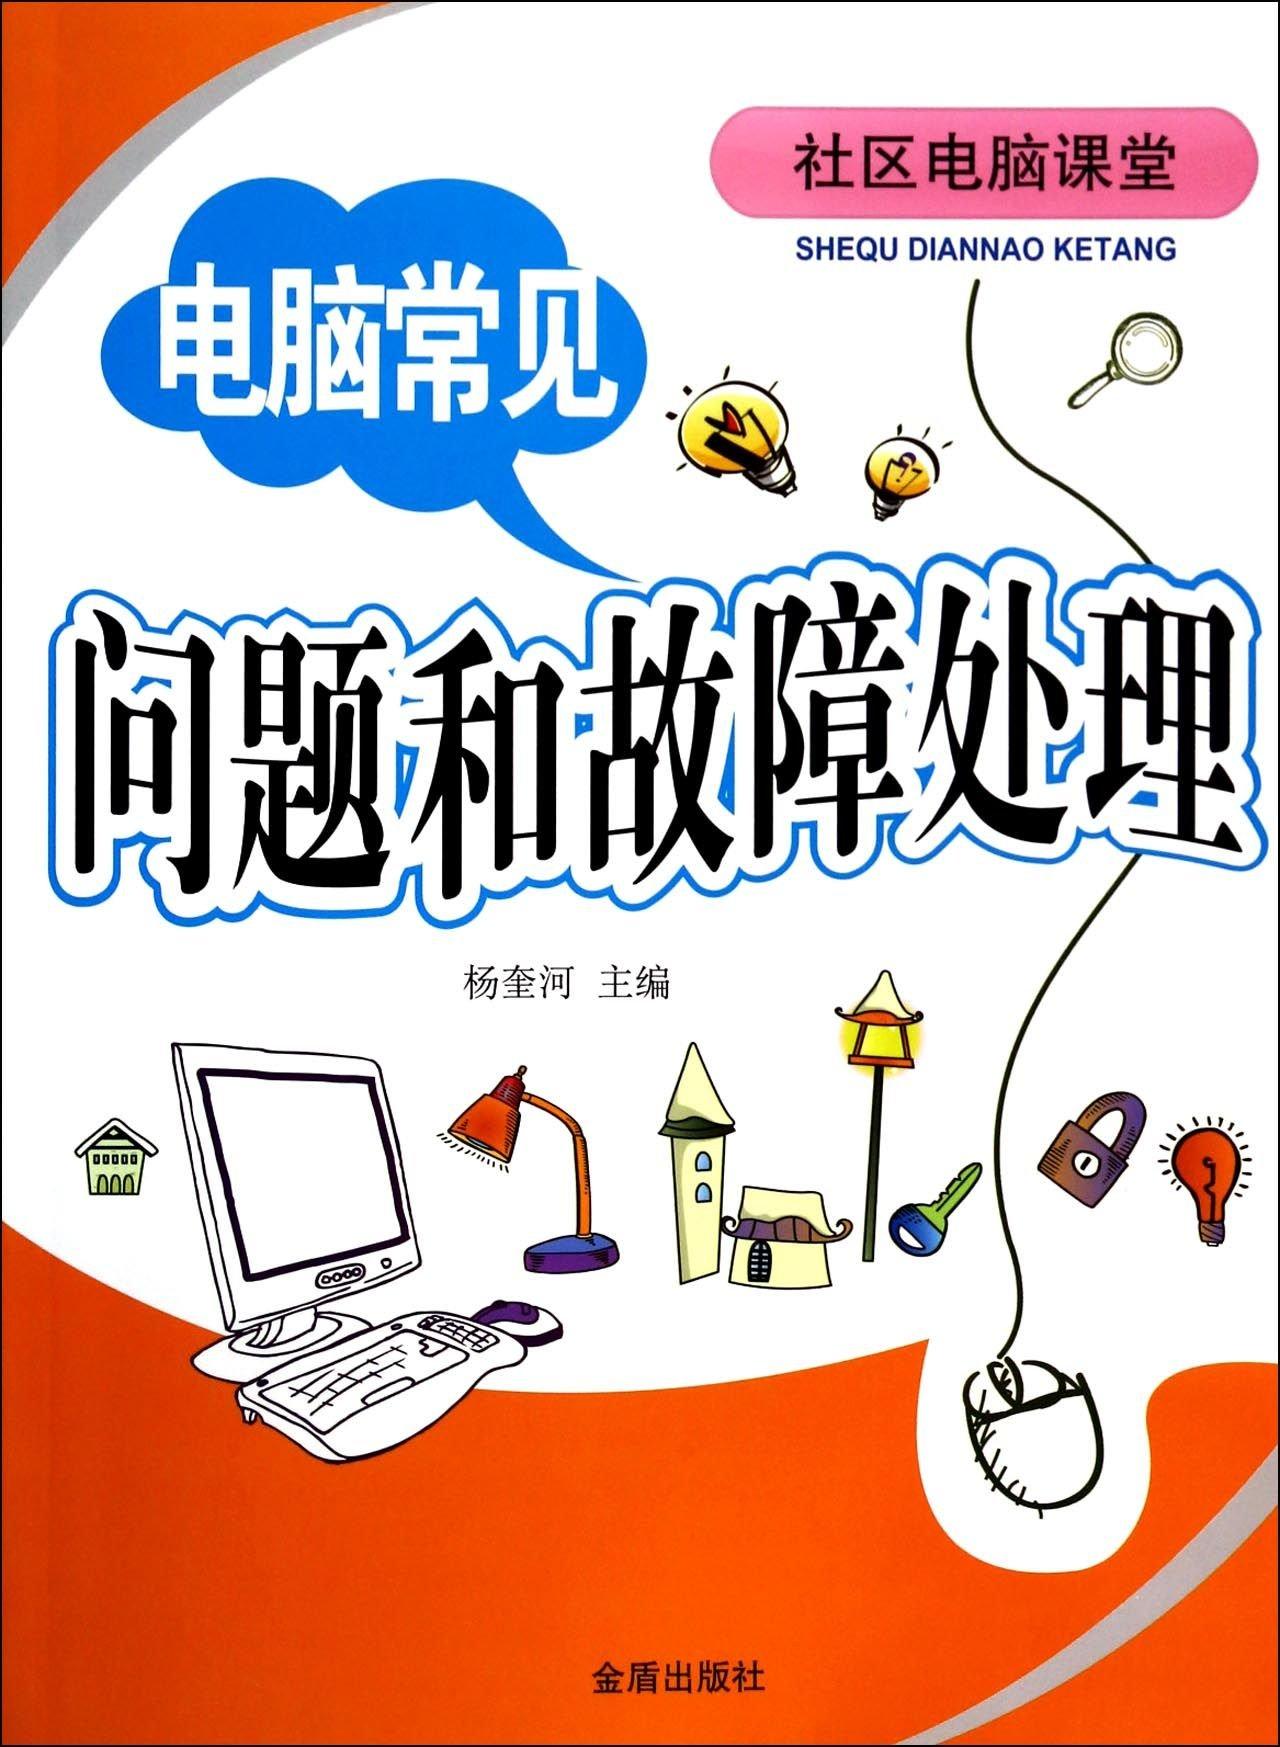 电脑常见问题和故障处理(社区电脑课堂)